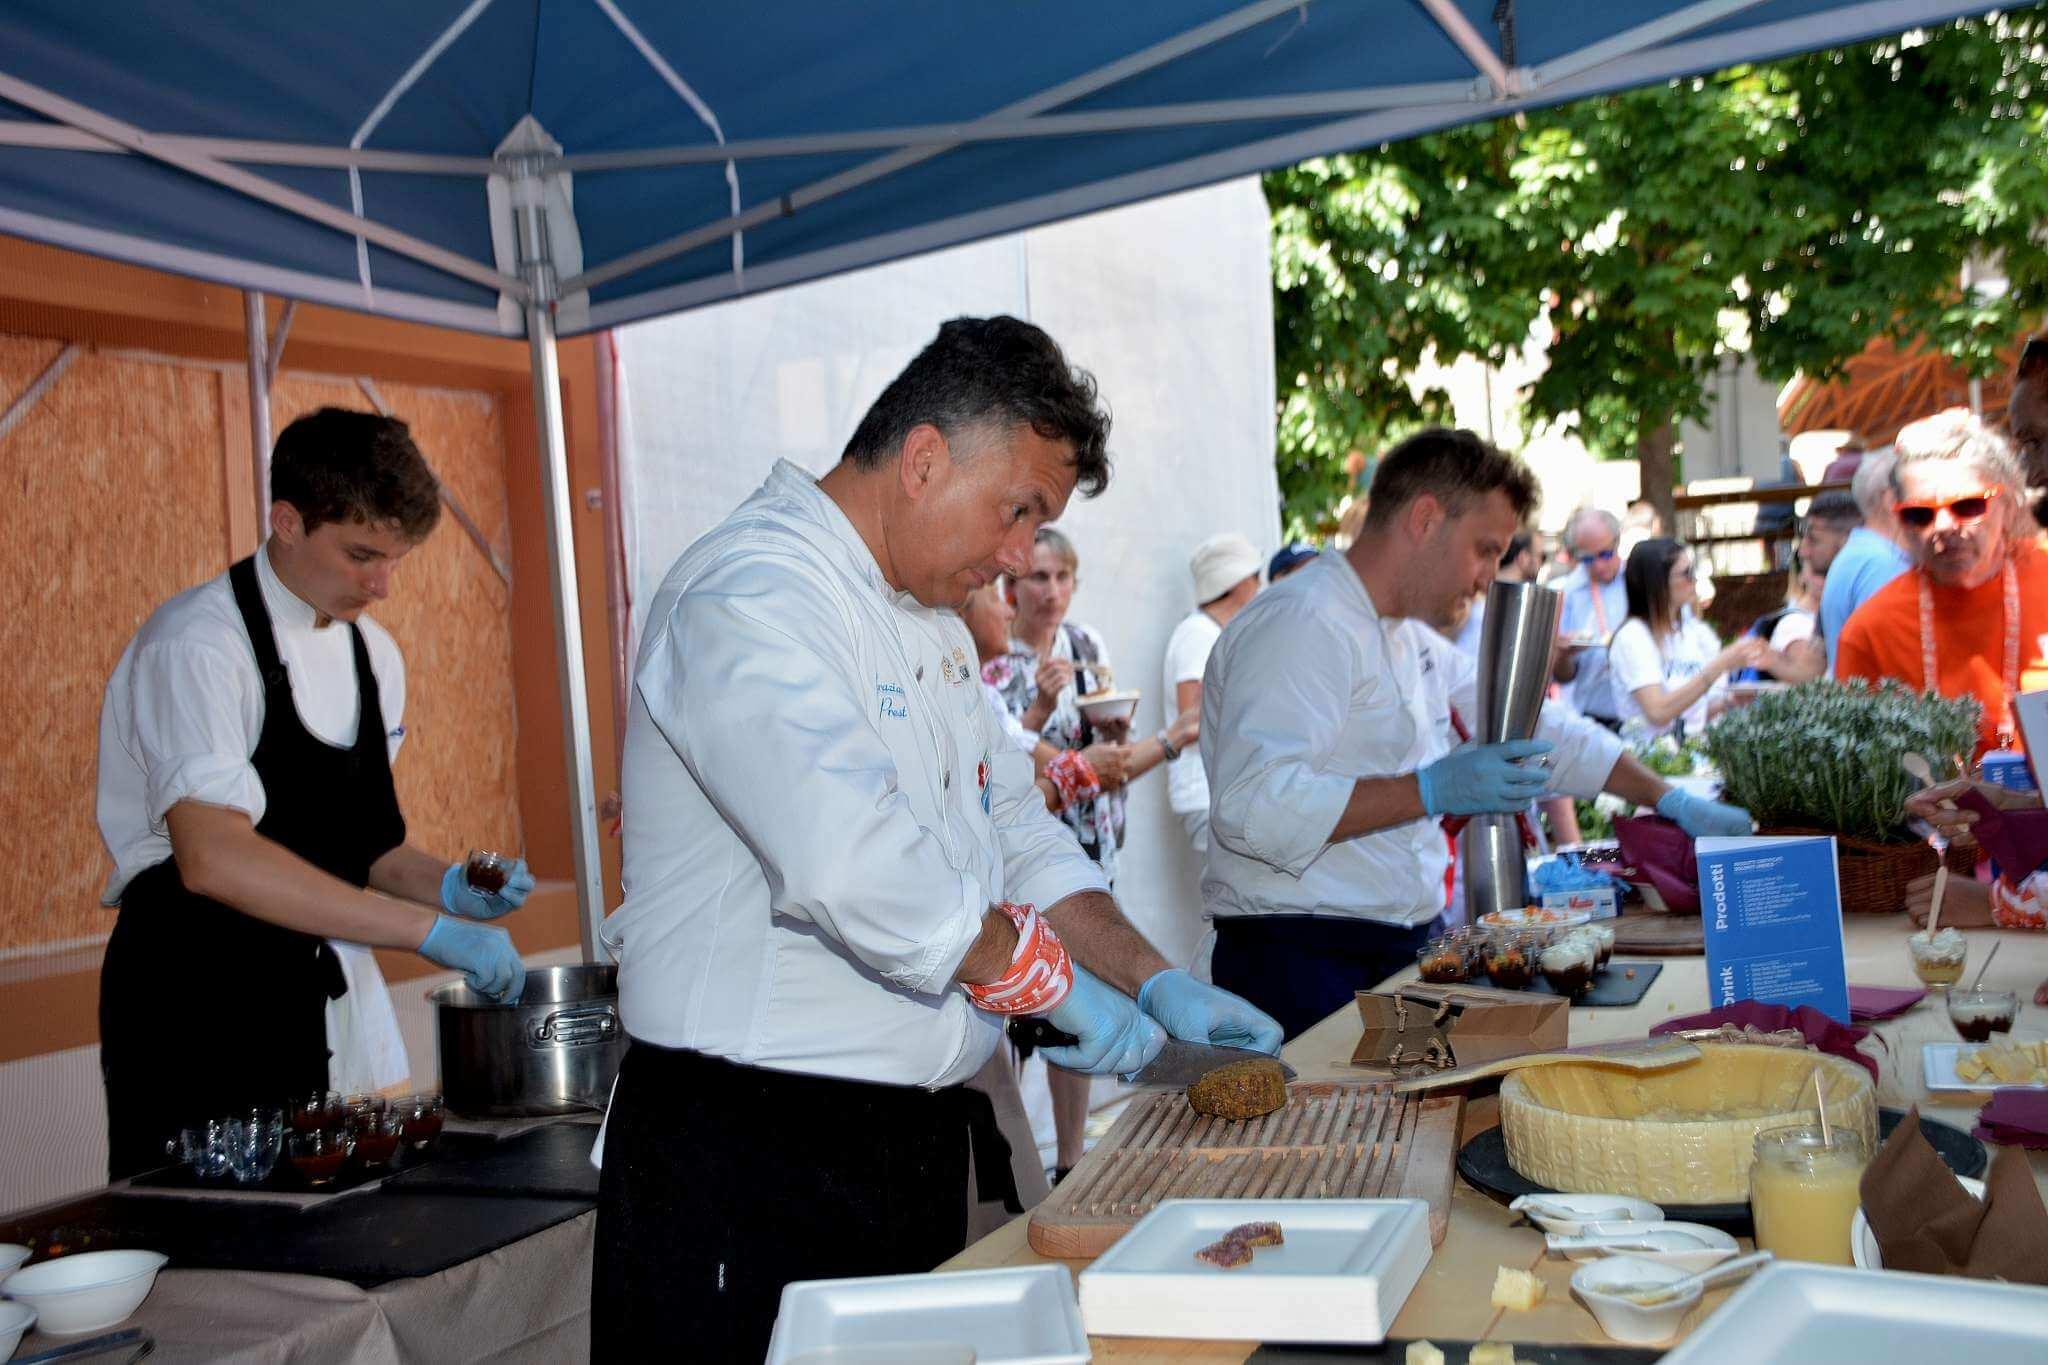 Chef Cortina2021